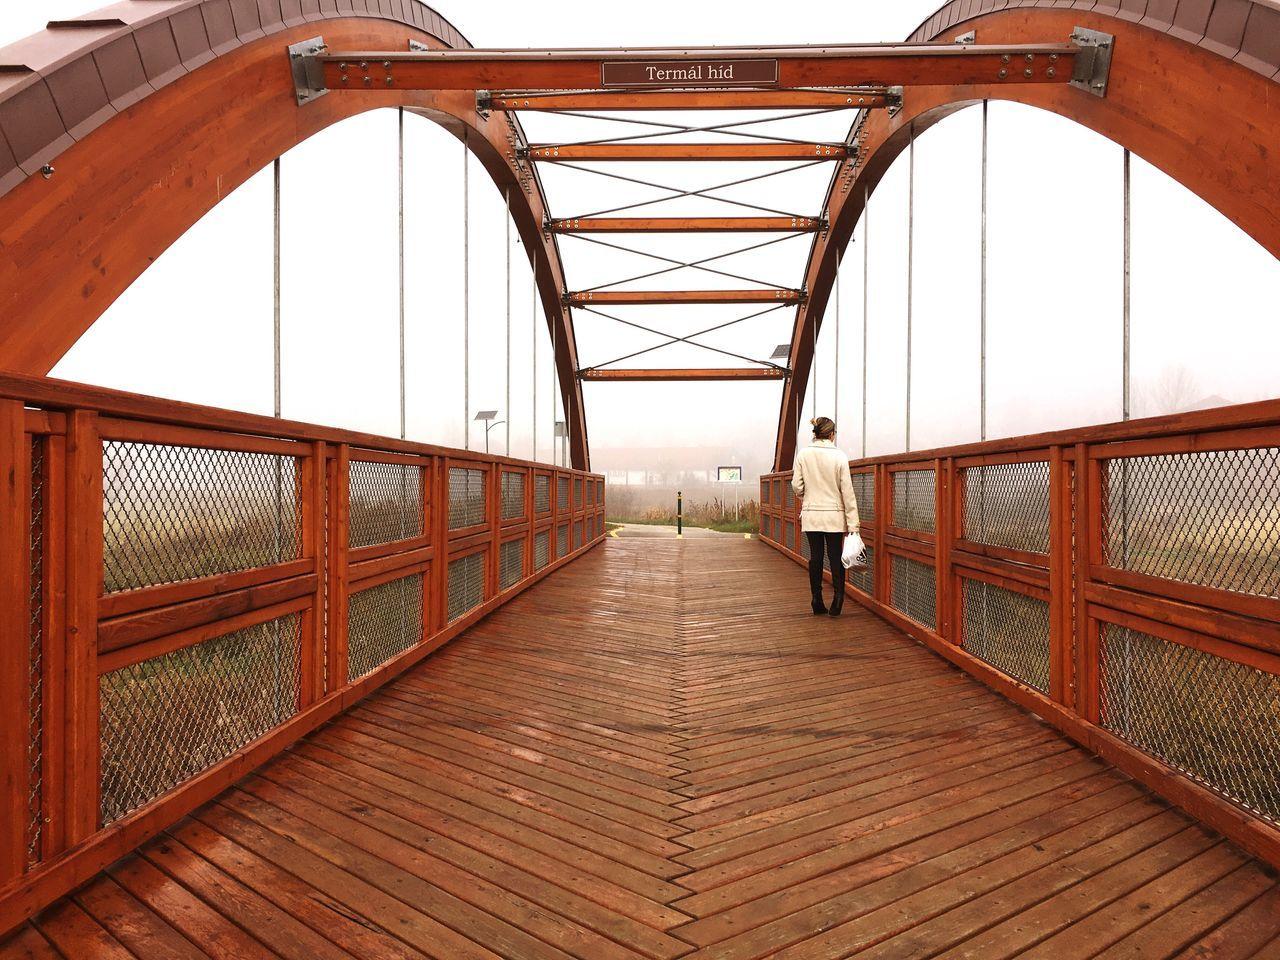 Termál HID Tamási / Termál Bridge Tamási. Fahíd Woodbridge KOD Fog Kodos Foggy Ködösreggel Foggy Morning Nature Természet Seta Walking